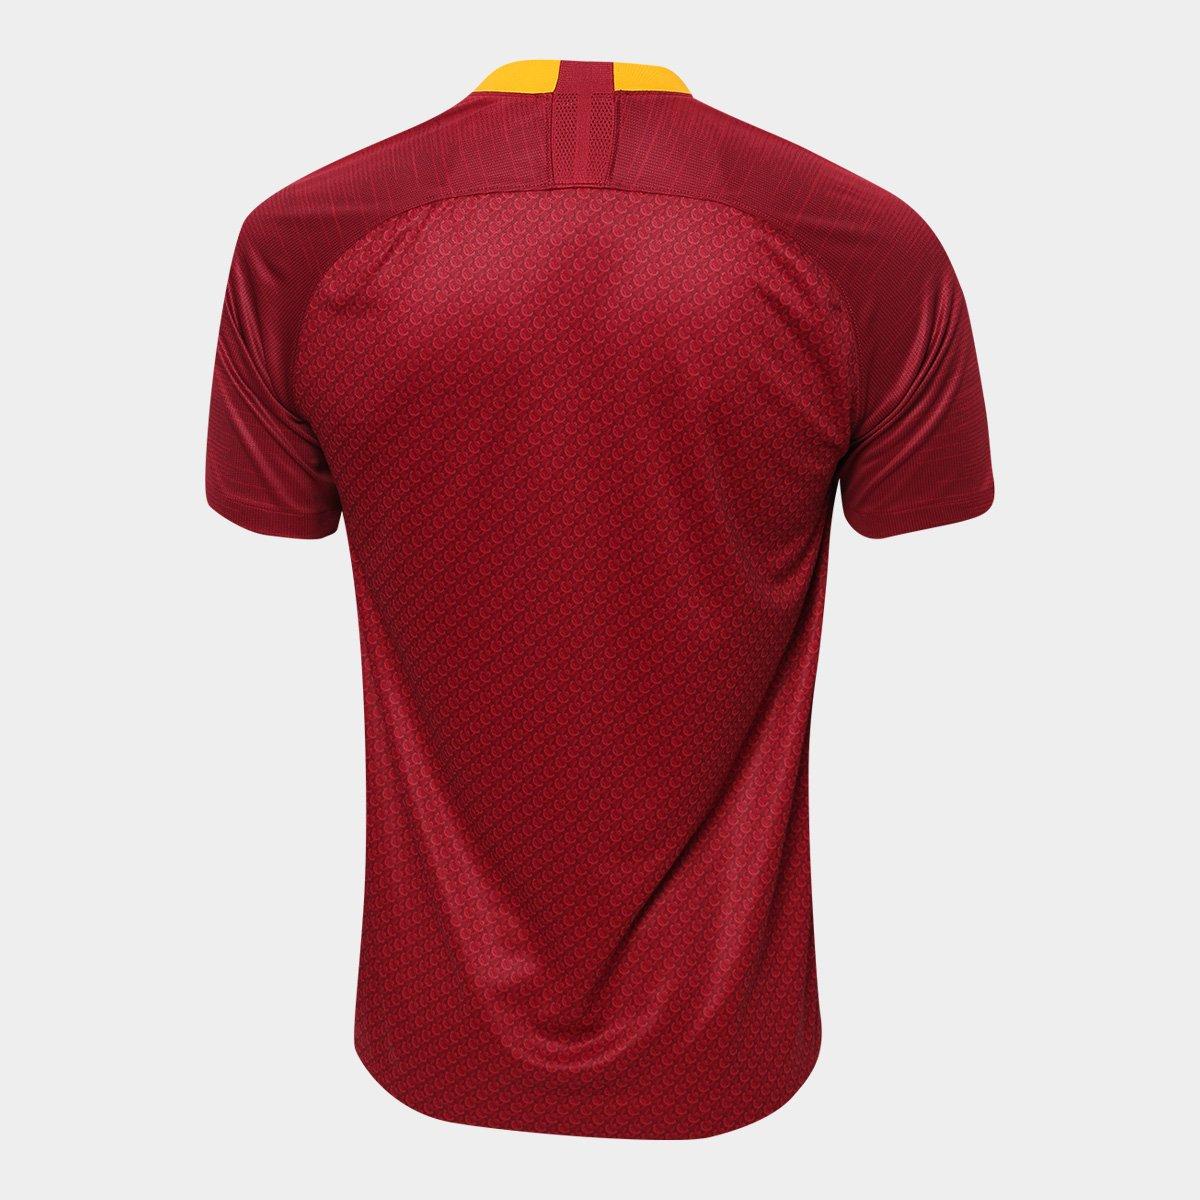 df804ee244 Camisa Roma Home 2018 s n° - Torcedor Nike Masculina